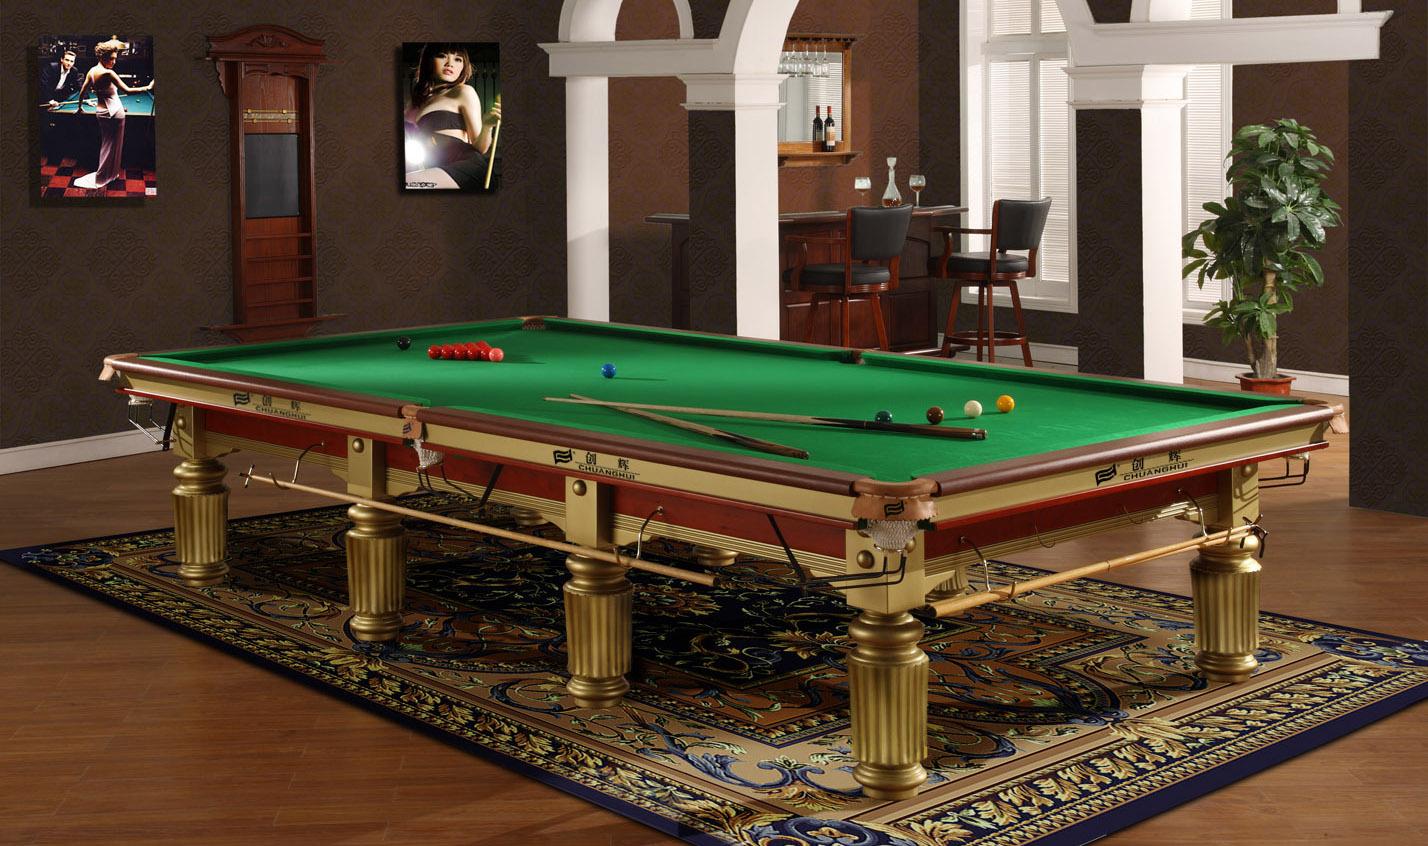 创辉英式国际比赛台CH-1002A 桌球 标准台球桌 台球二合一 中式黑八成人桌球台 台球案子南京